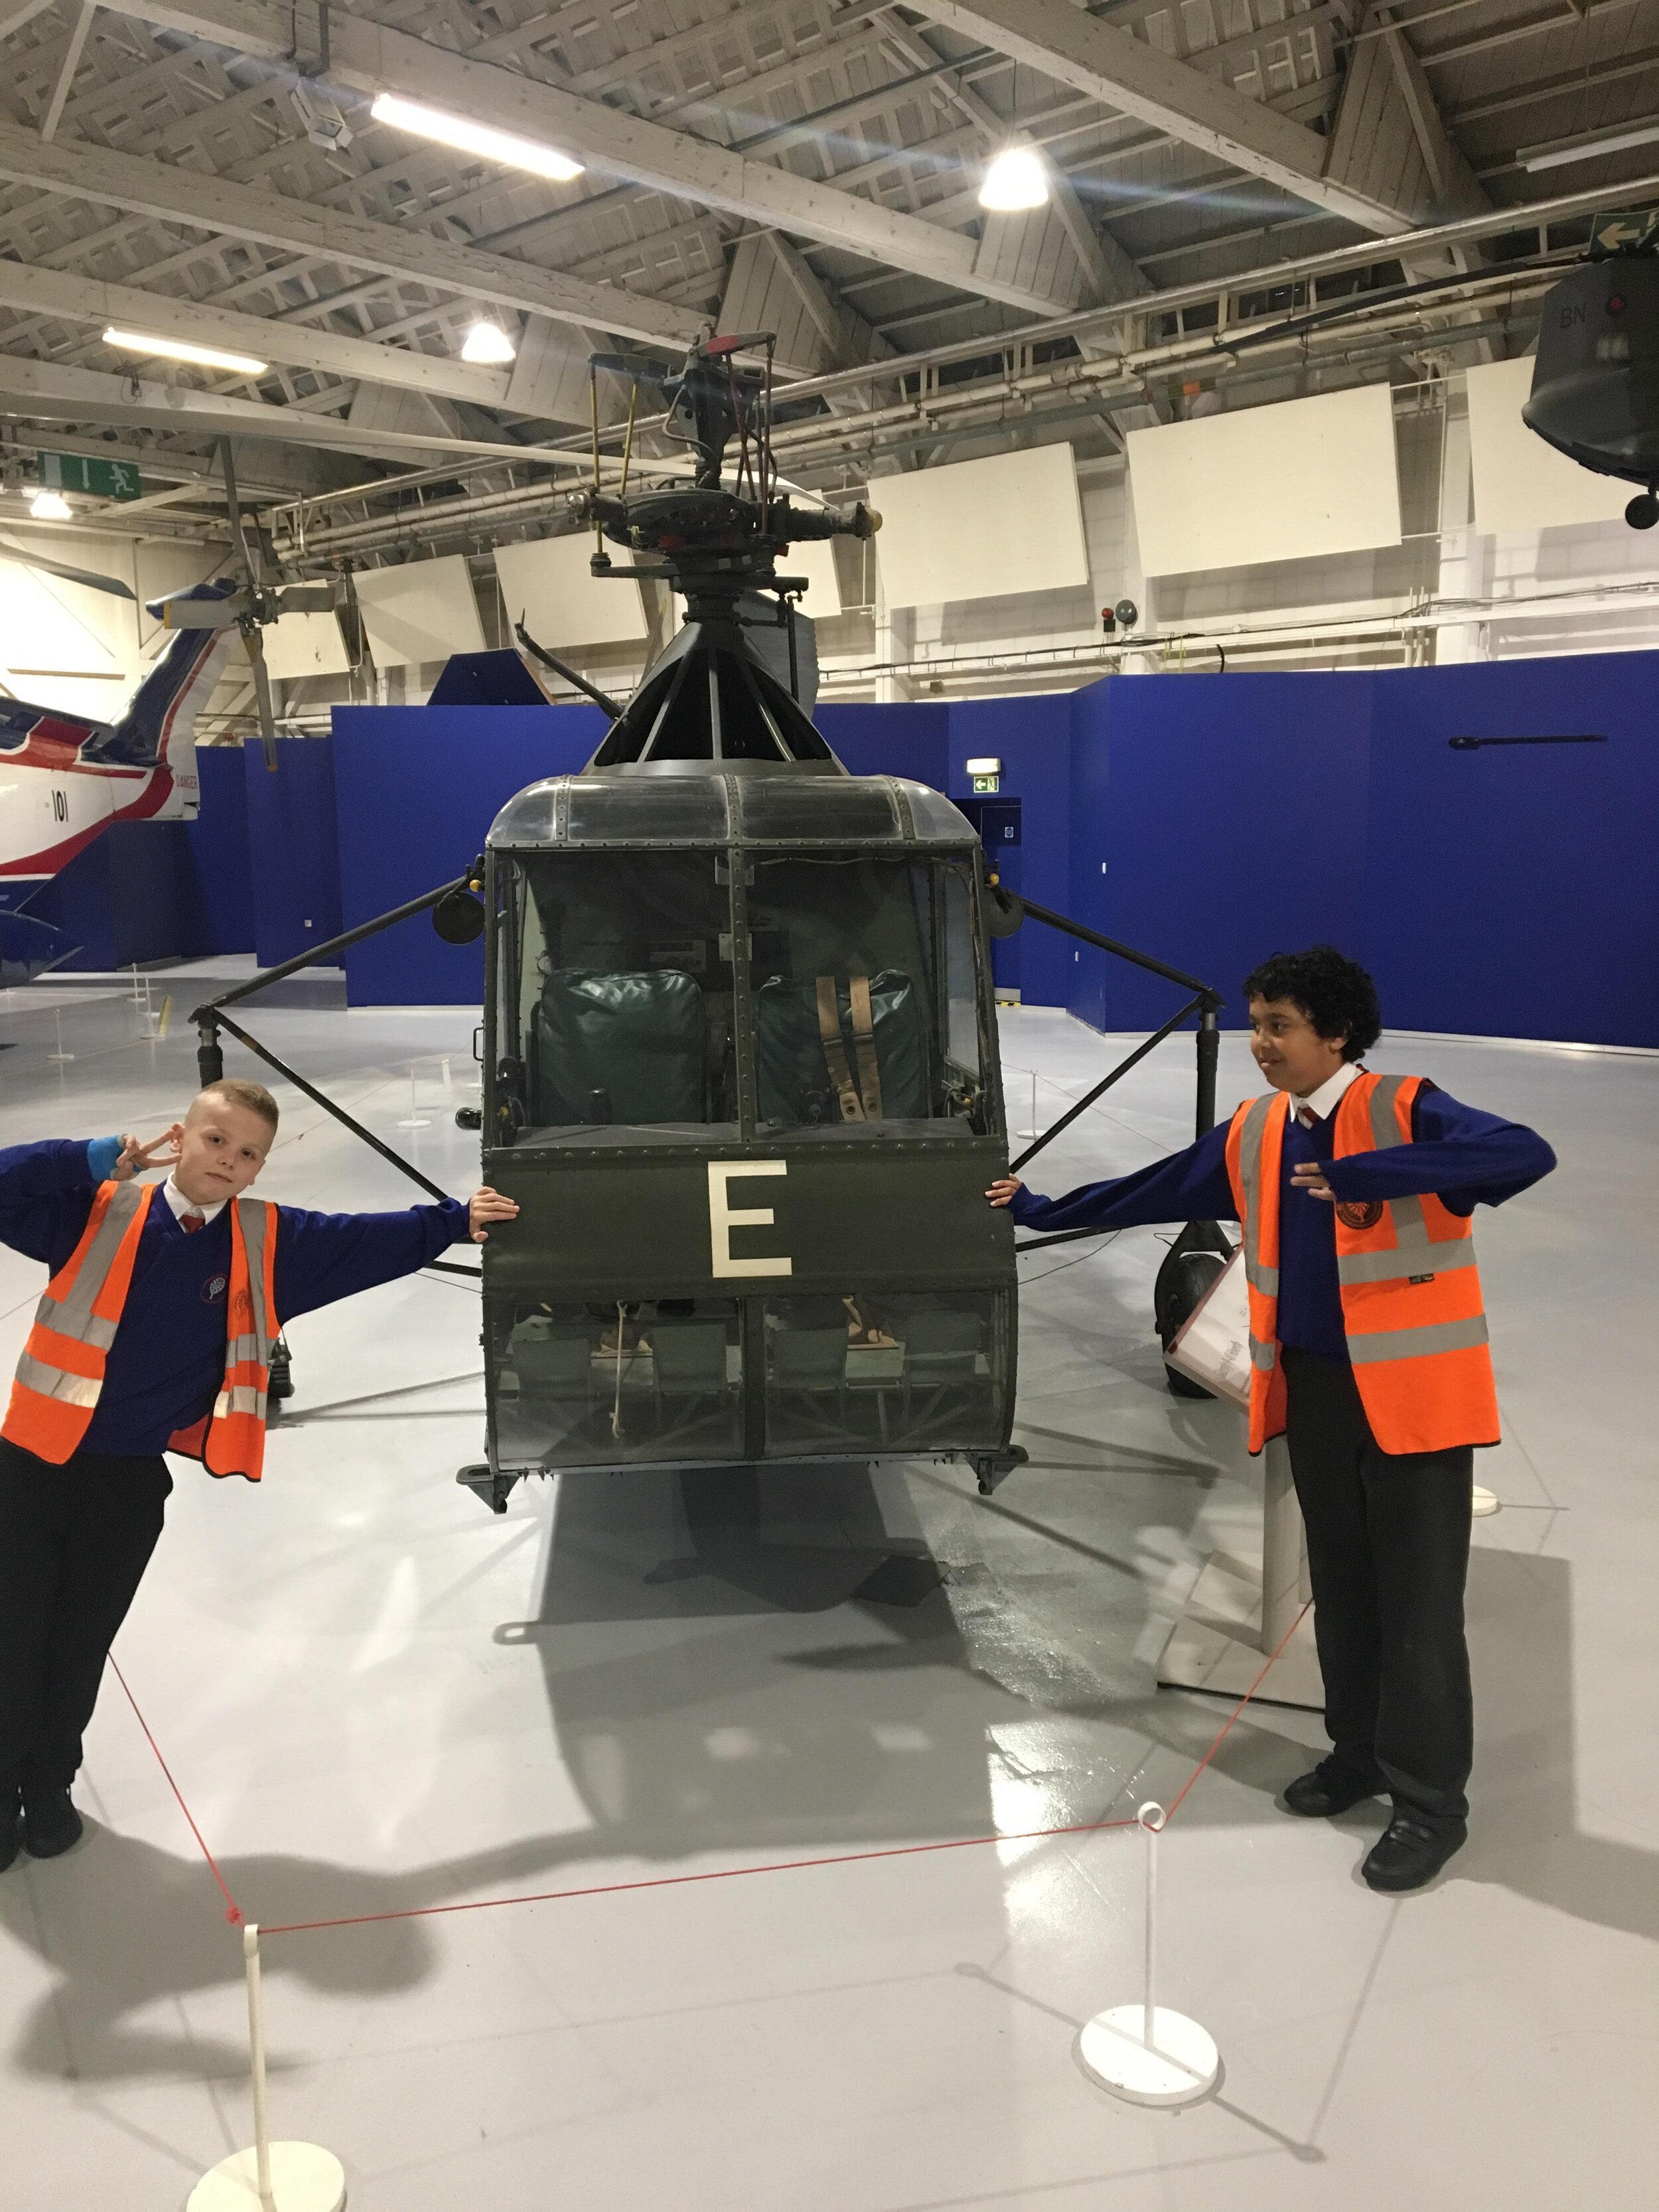 E Helicopter.jpg